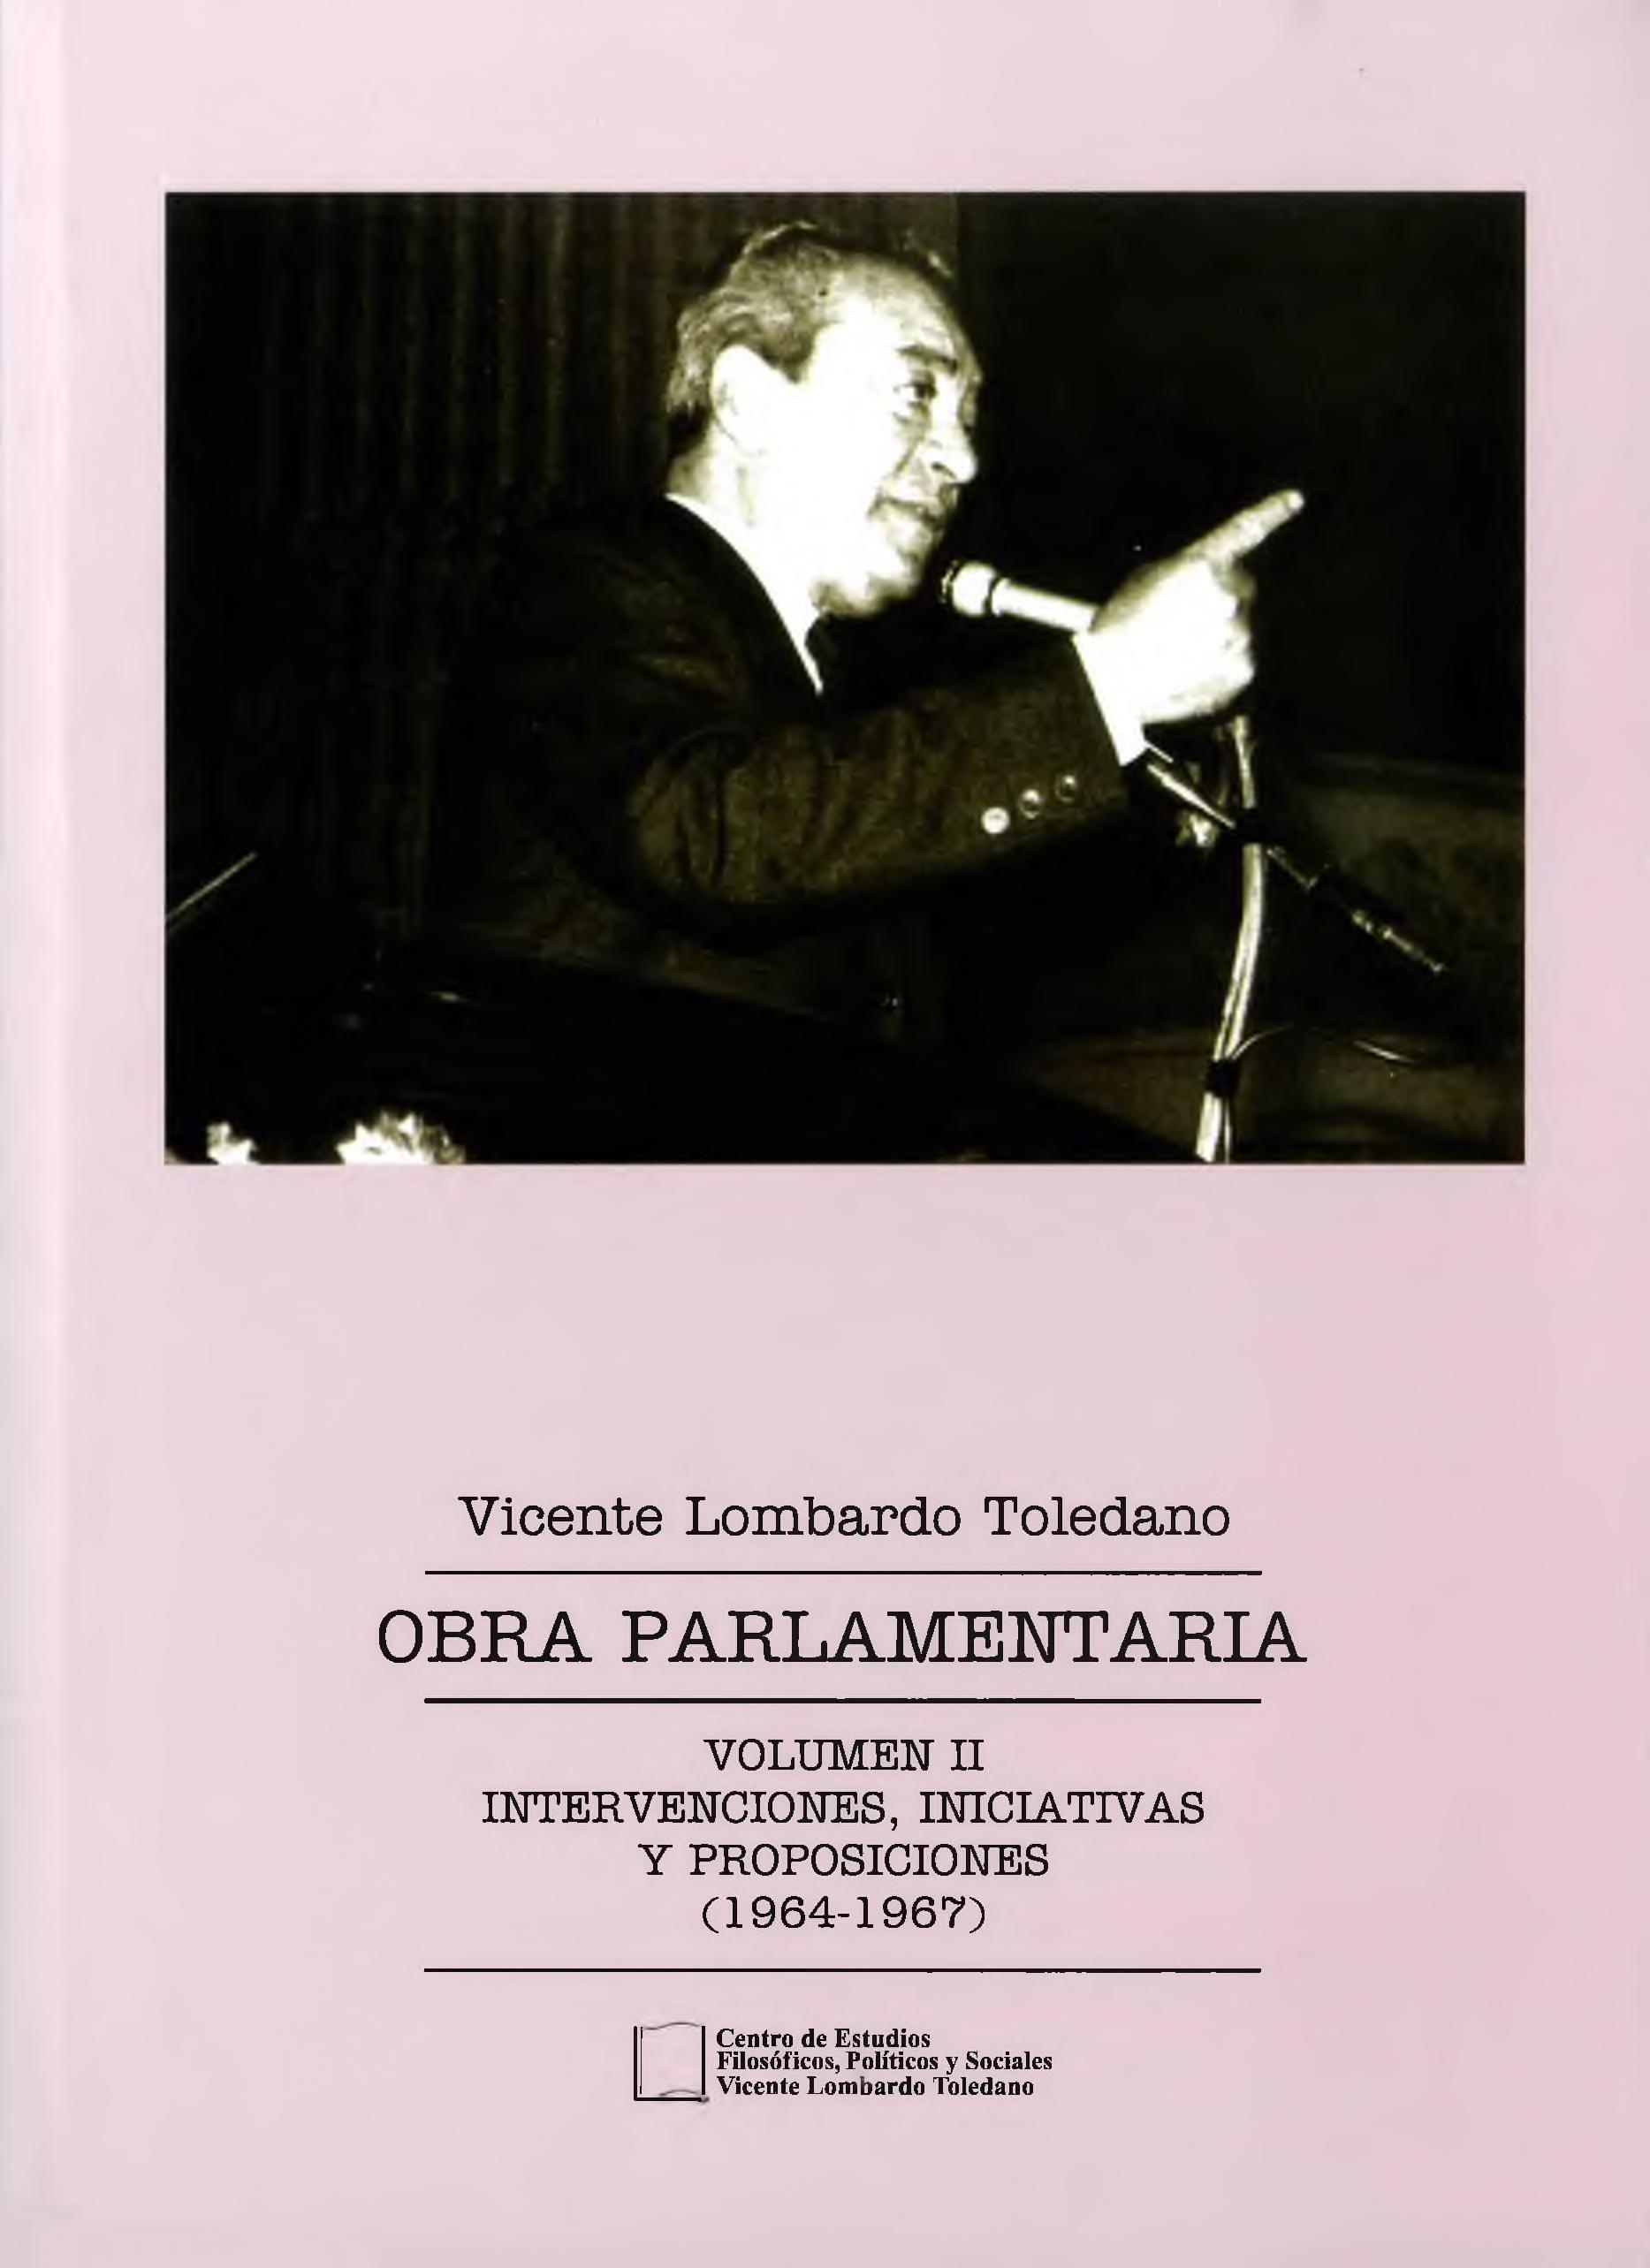 Portada del libro: Obra parlamentaria vol. II: intervenciones, iniciativas y proposiciones (1964-1967)